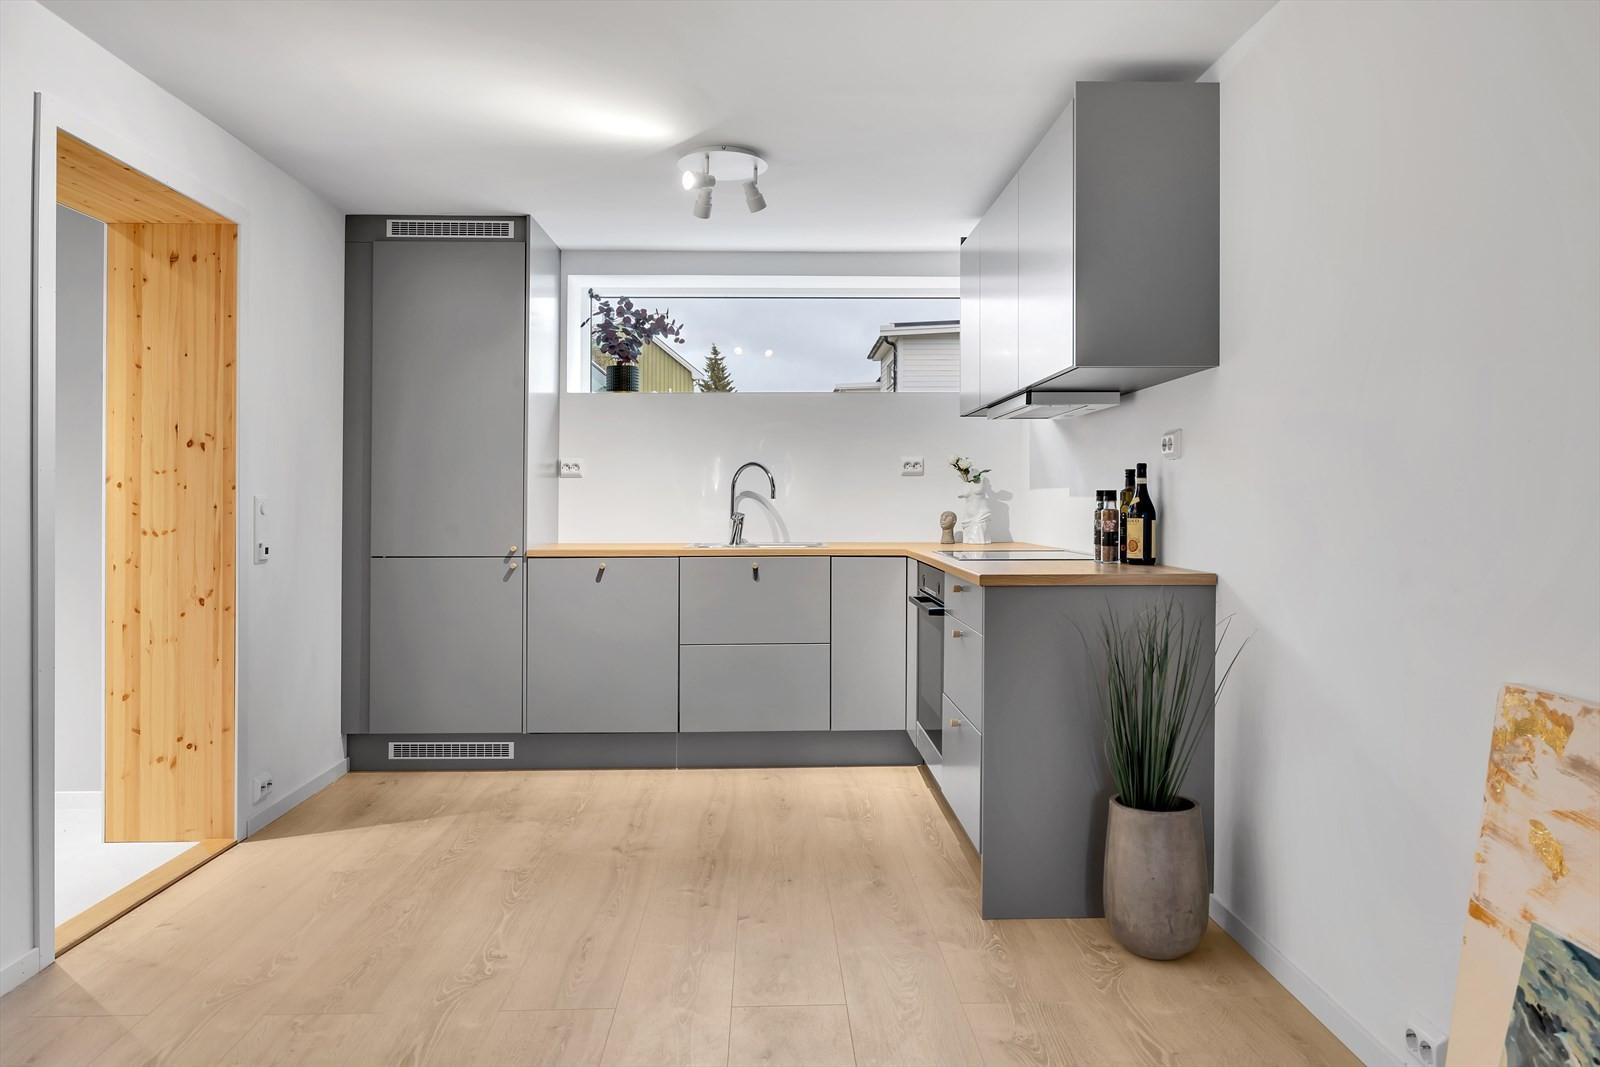 KJøkkenet er av god kvalitet og har integrerte hvitevarer